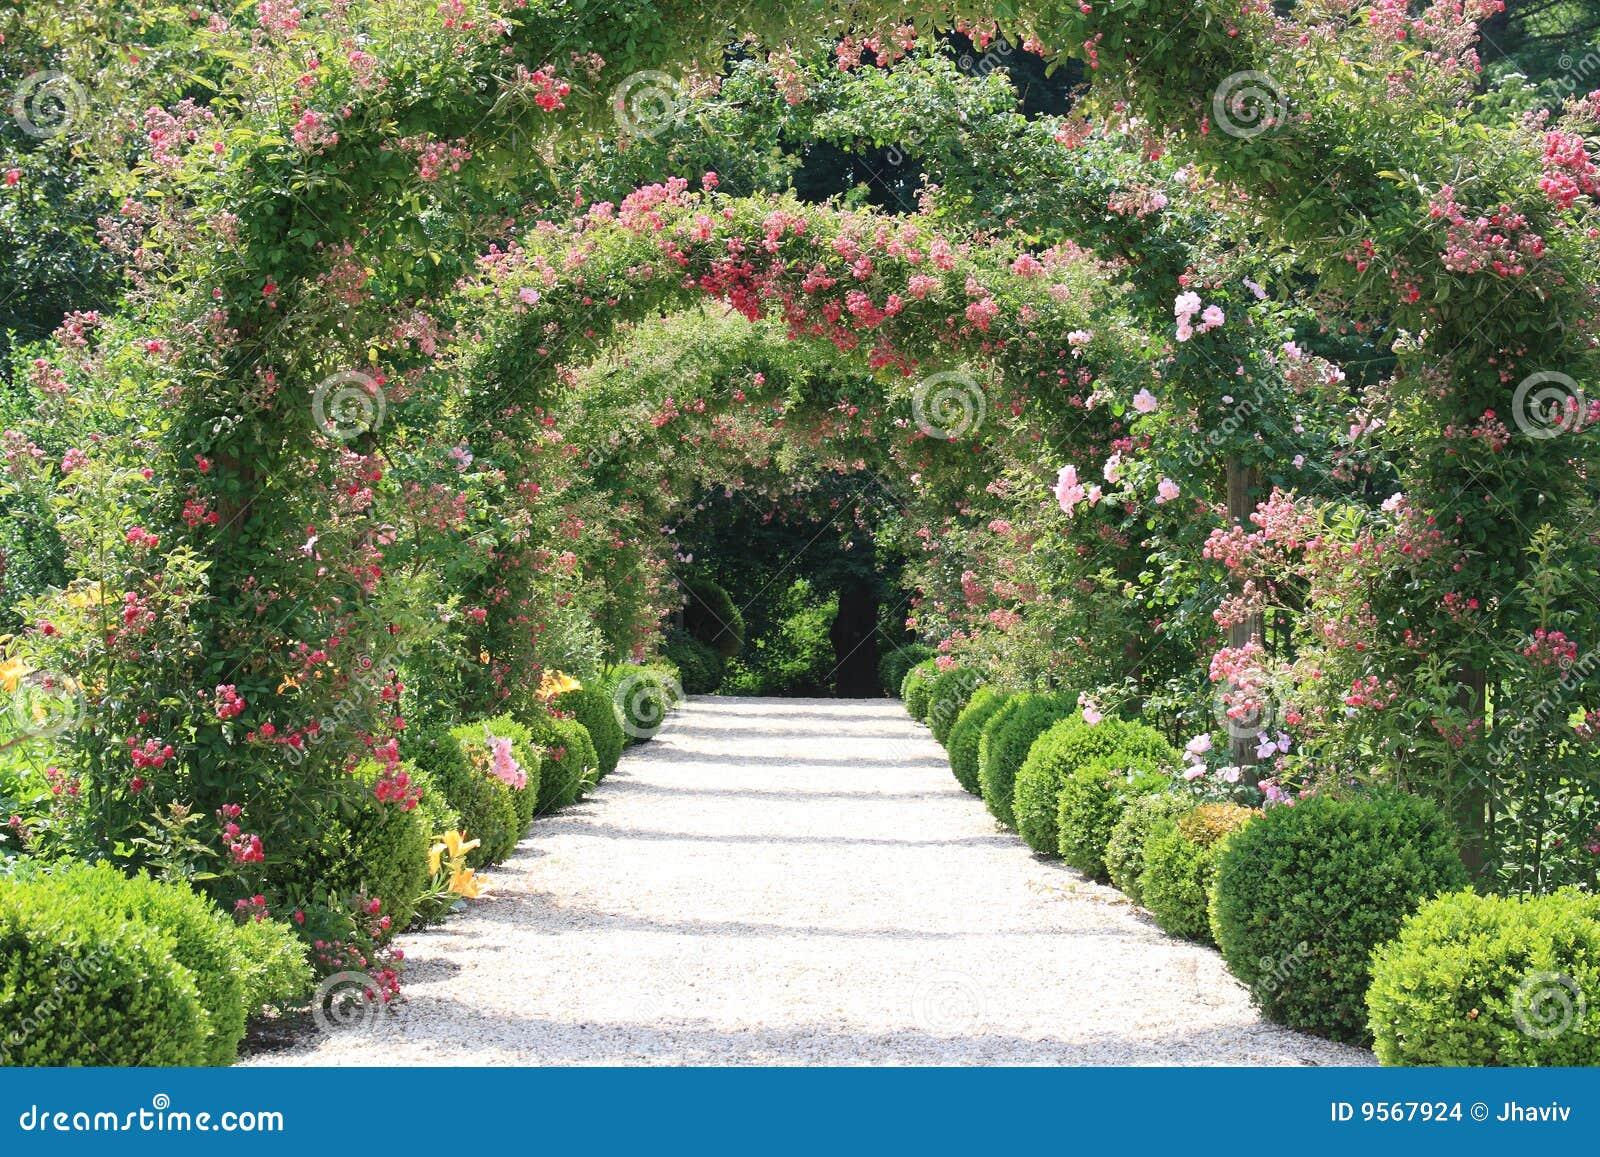 rosas no jardim de deus : rosas no jardim de deus:arco de rosa no jardim no tempo de mola mr no pr no 5 4044 28